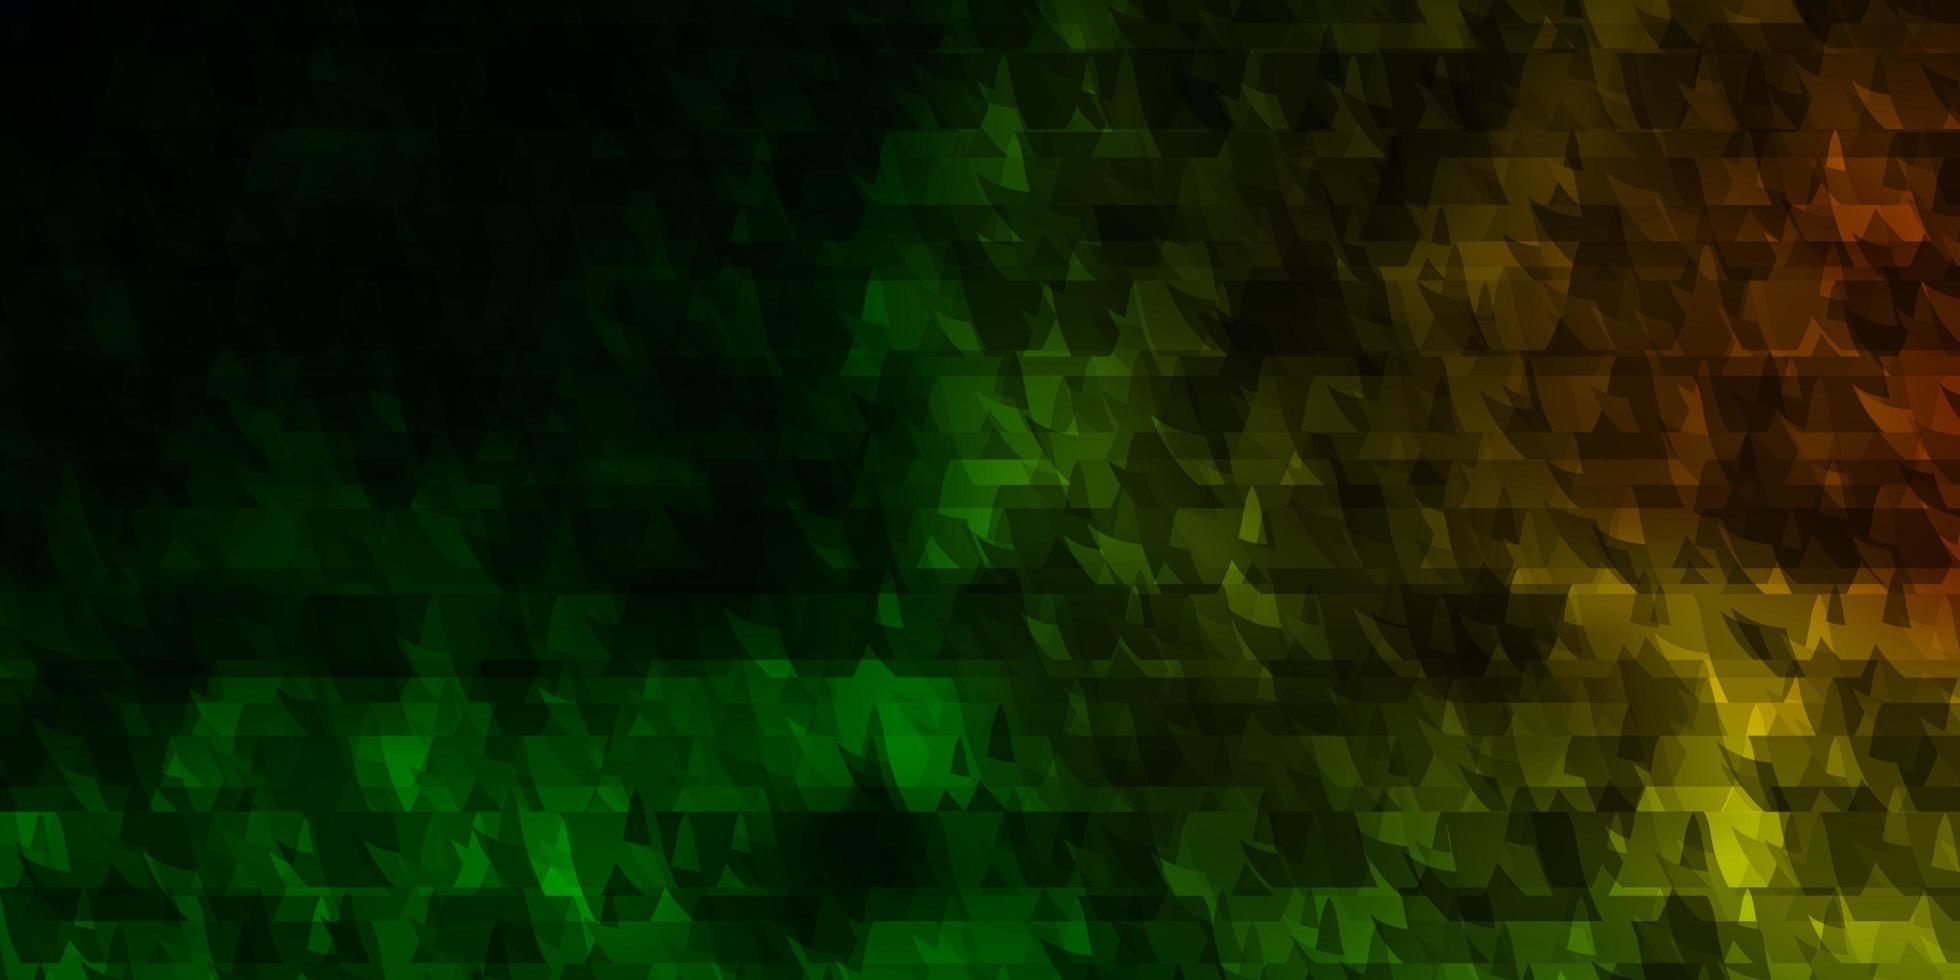 sfondo vettoriale verde scuro, rosso con linee, triangoli.